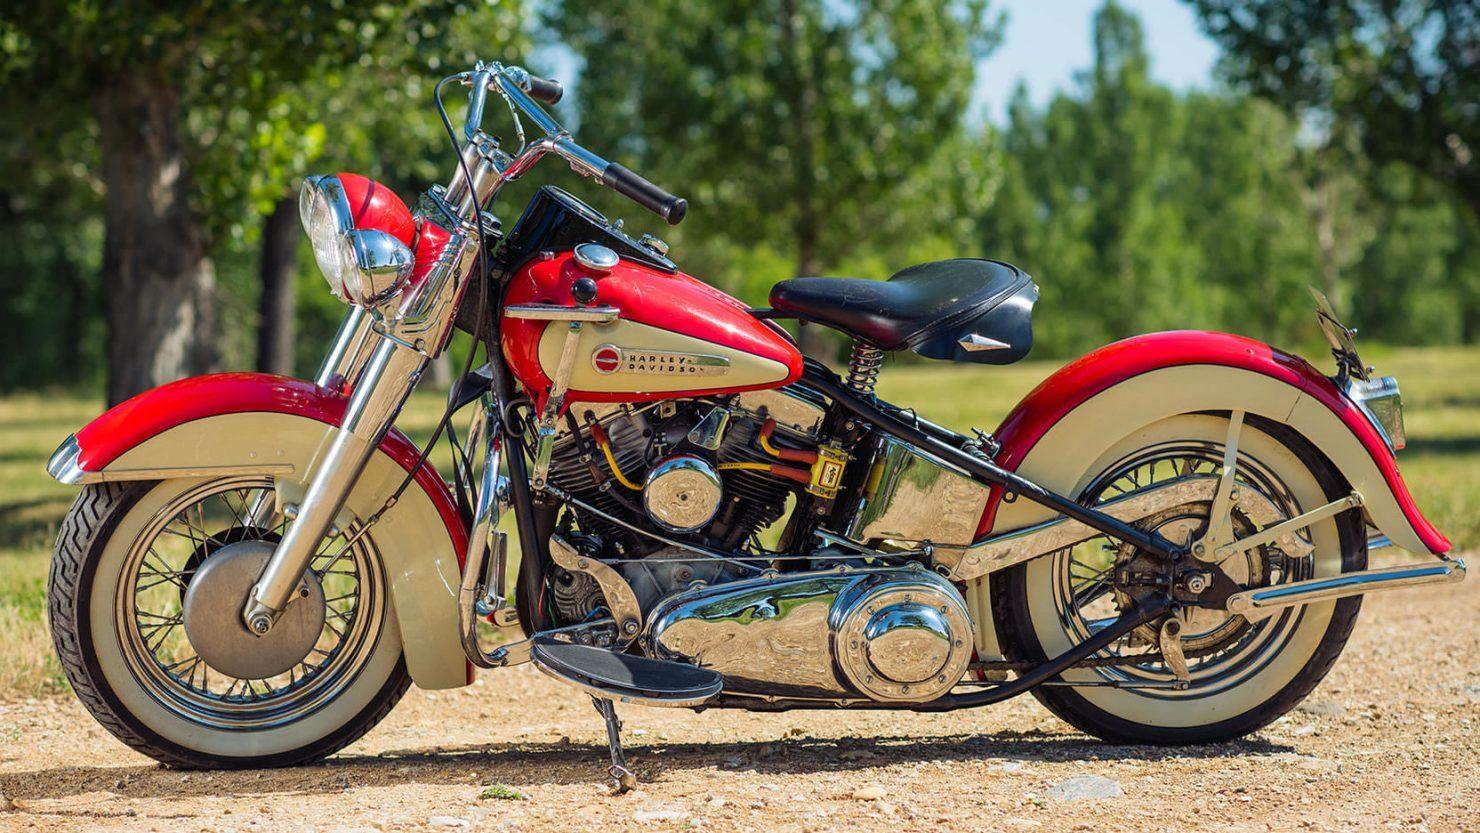 Harley Davidson FL Panhead 1 1480x833 - 1949 Harley-Davidson FL Panhead